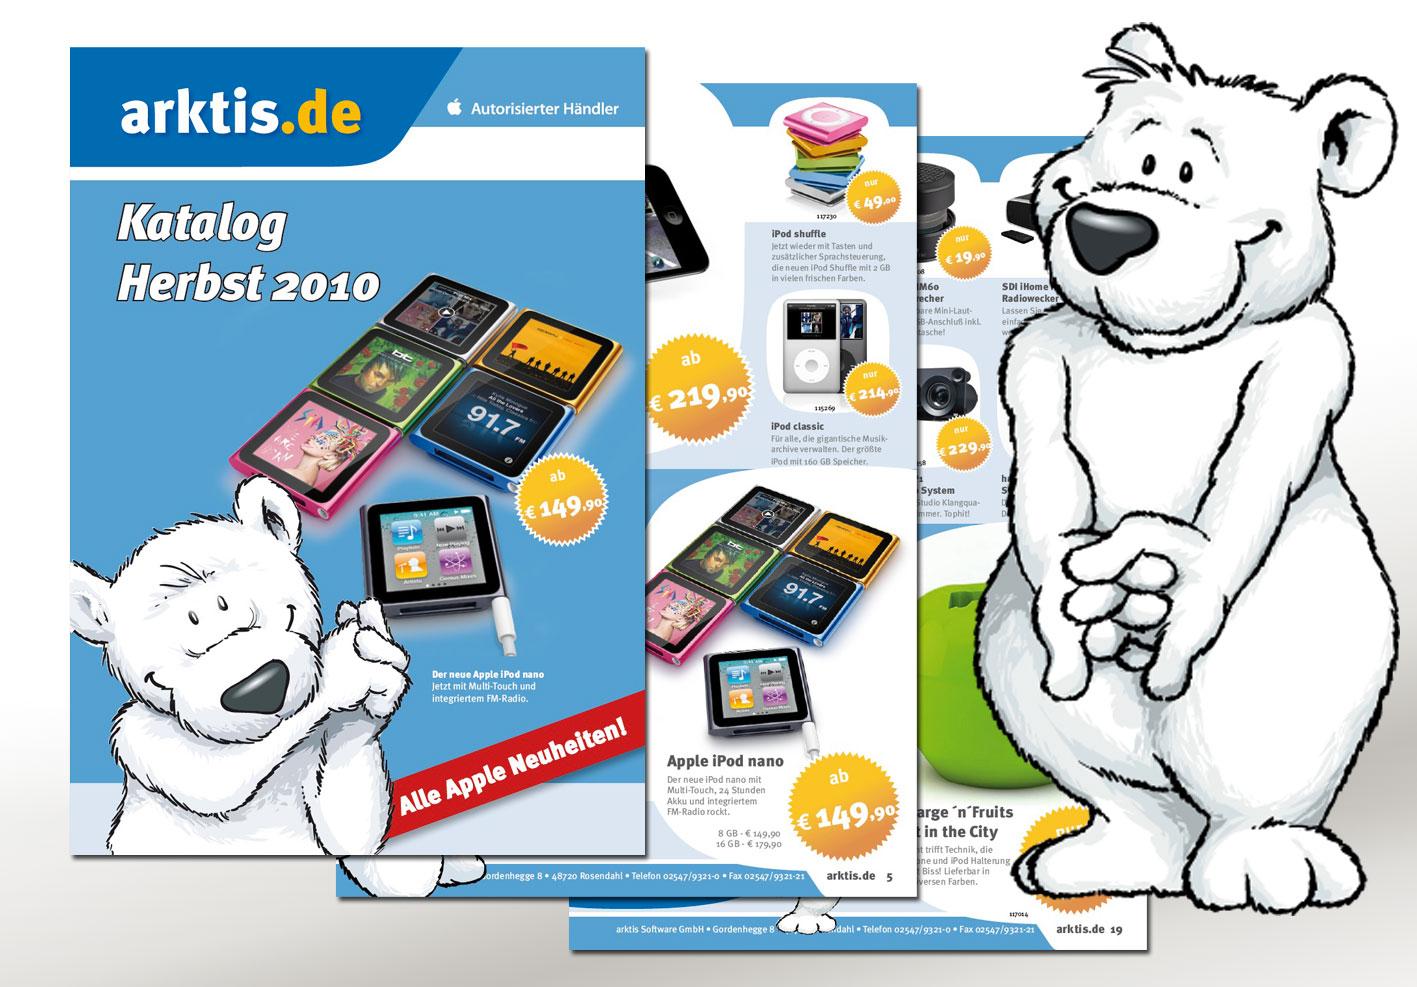 Der neue Arktis Katalog Herbst 2010 - natürlich mit allen neuen iPod Modellen!